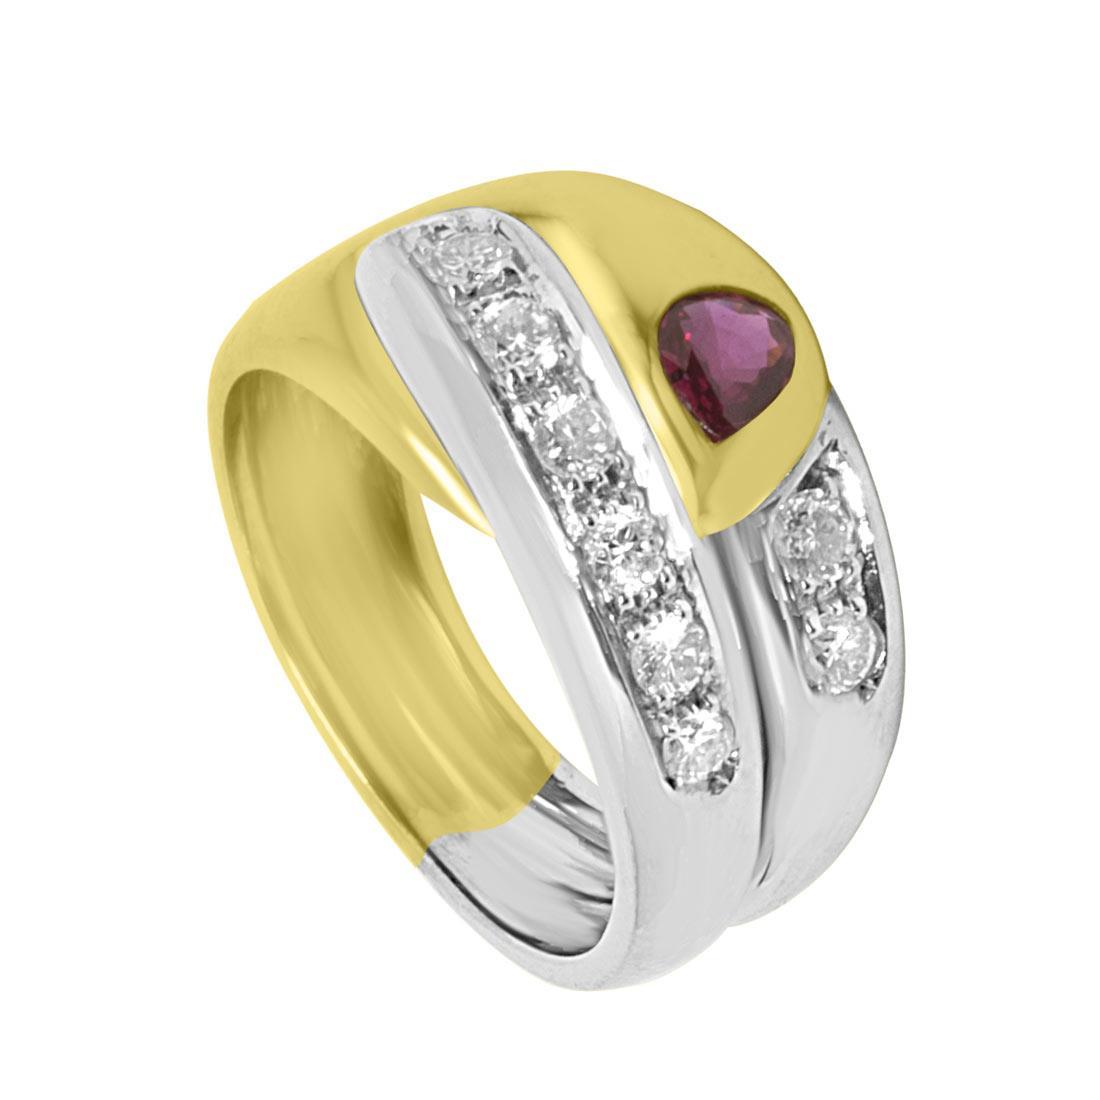 Anello Oro & Co in oro giallo con diamanti ct 0,45 colore G, purezza SI e rubino ct 0,26 misura 13 - ORO&CO